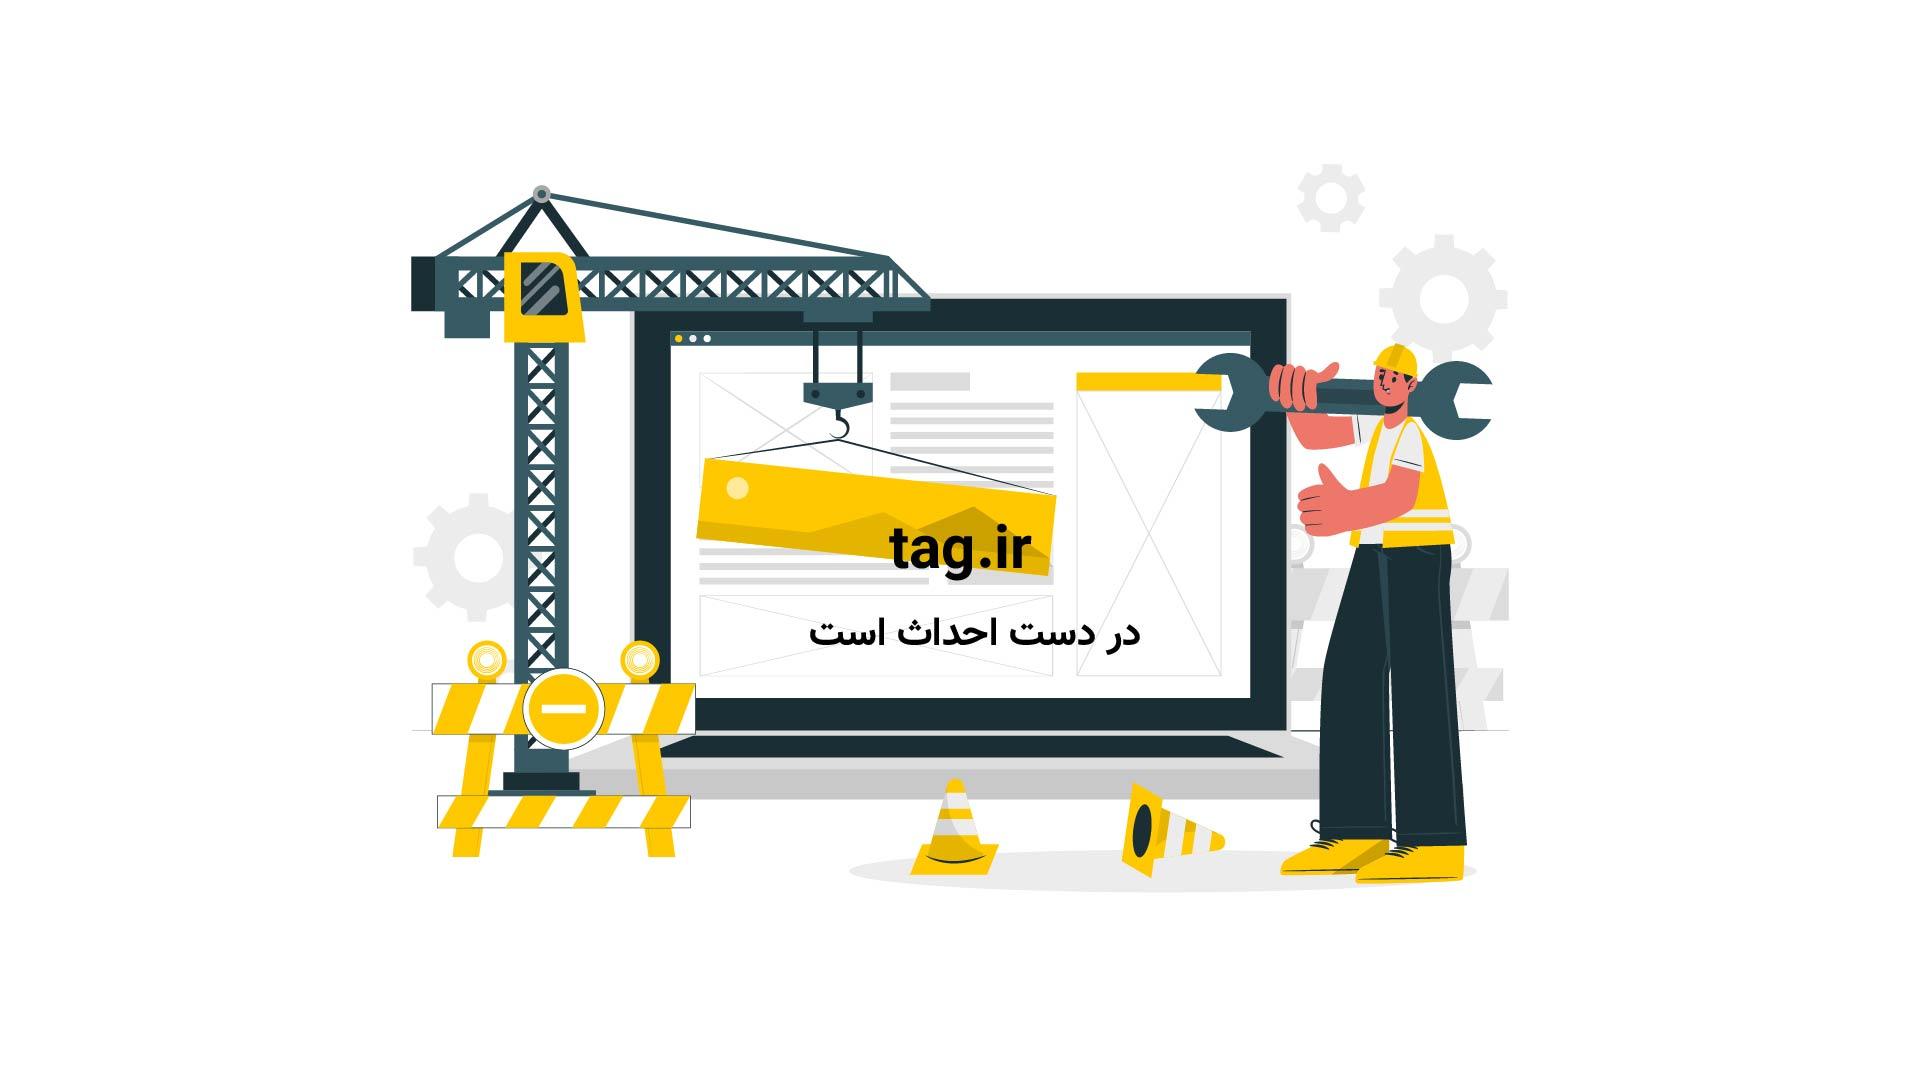 طنز نمایشی دورهمی؛ عروسی یویو با دریا + فیلم